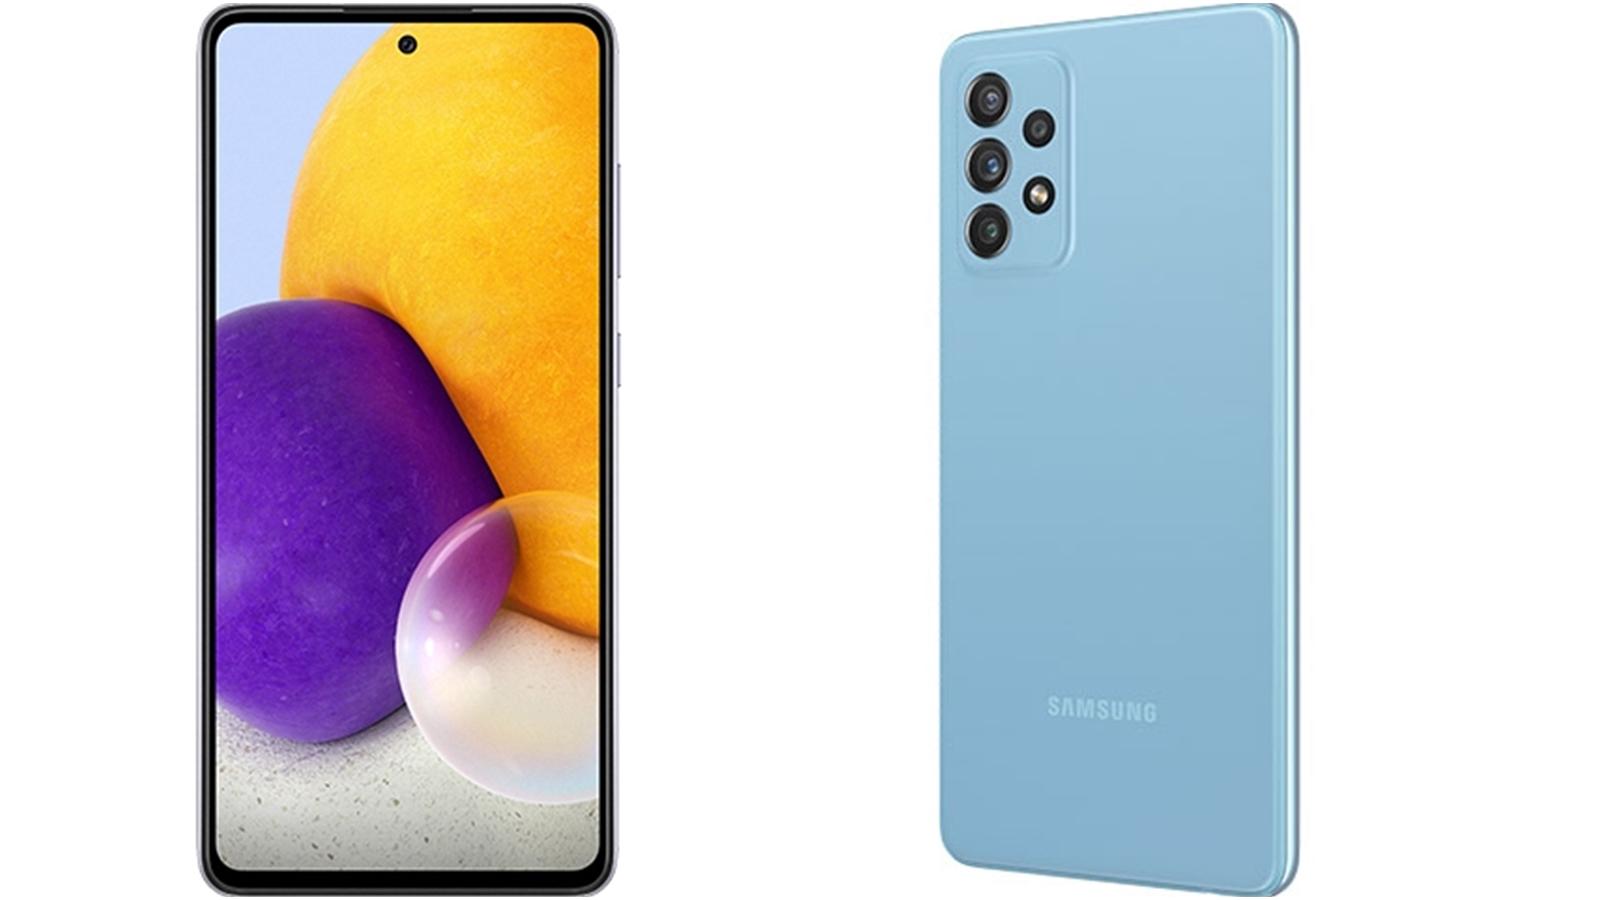 【手機專知】三星A72跟A71 5G的不同差異為何?消費者該怎麼選擇?